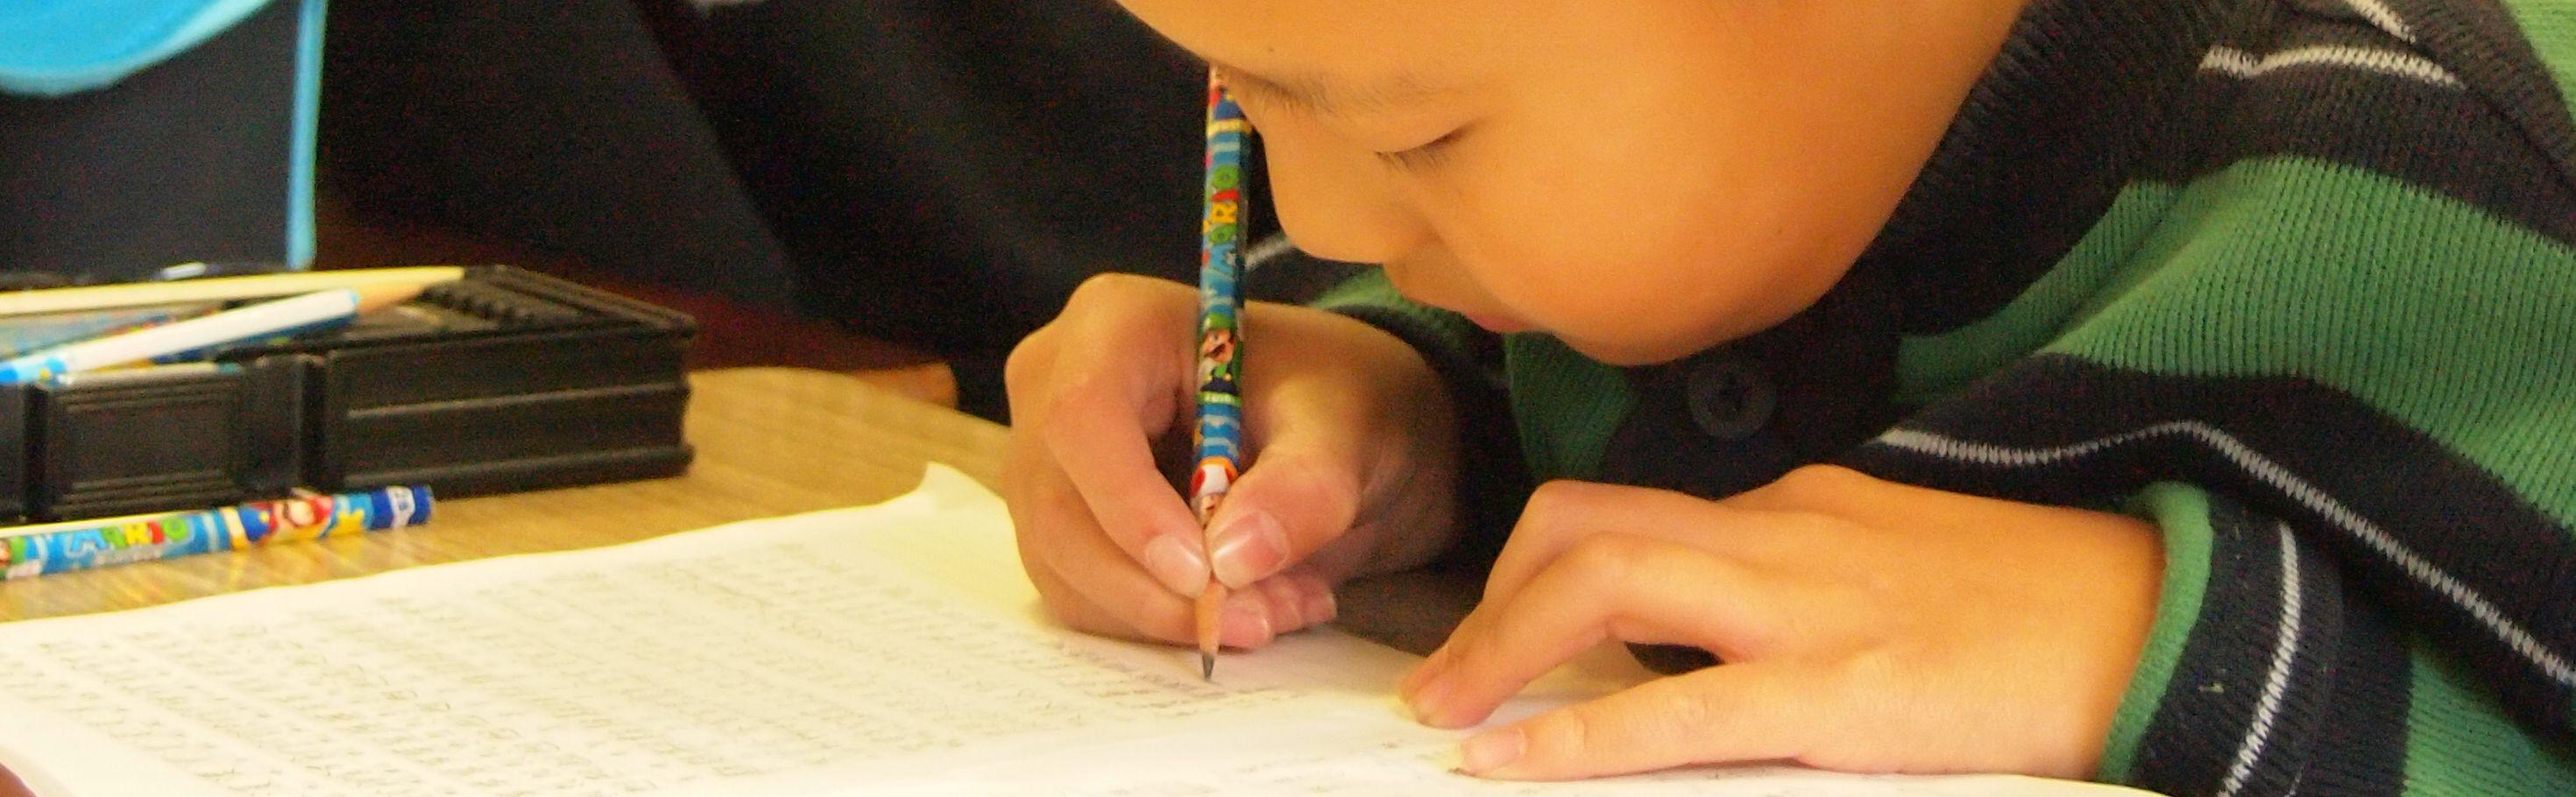 亲子日本语教室